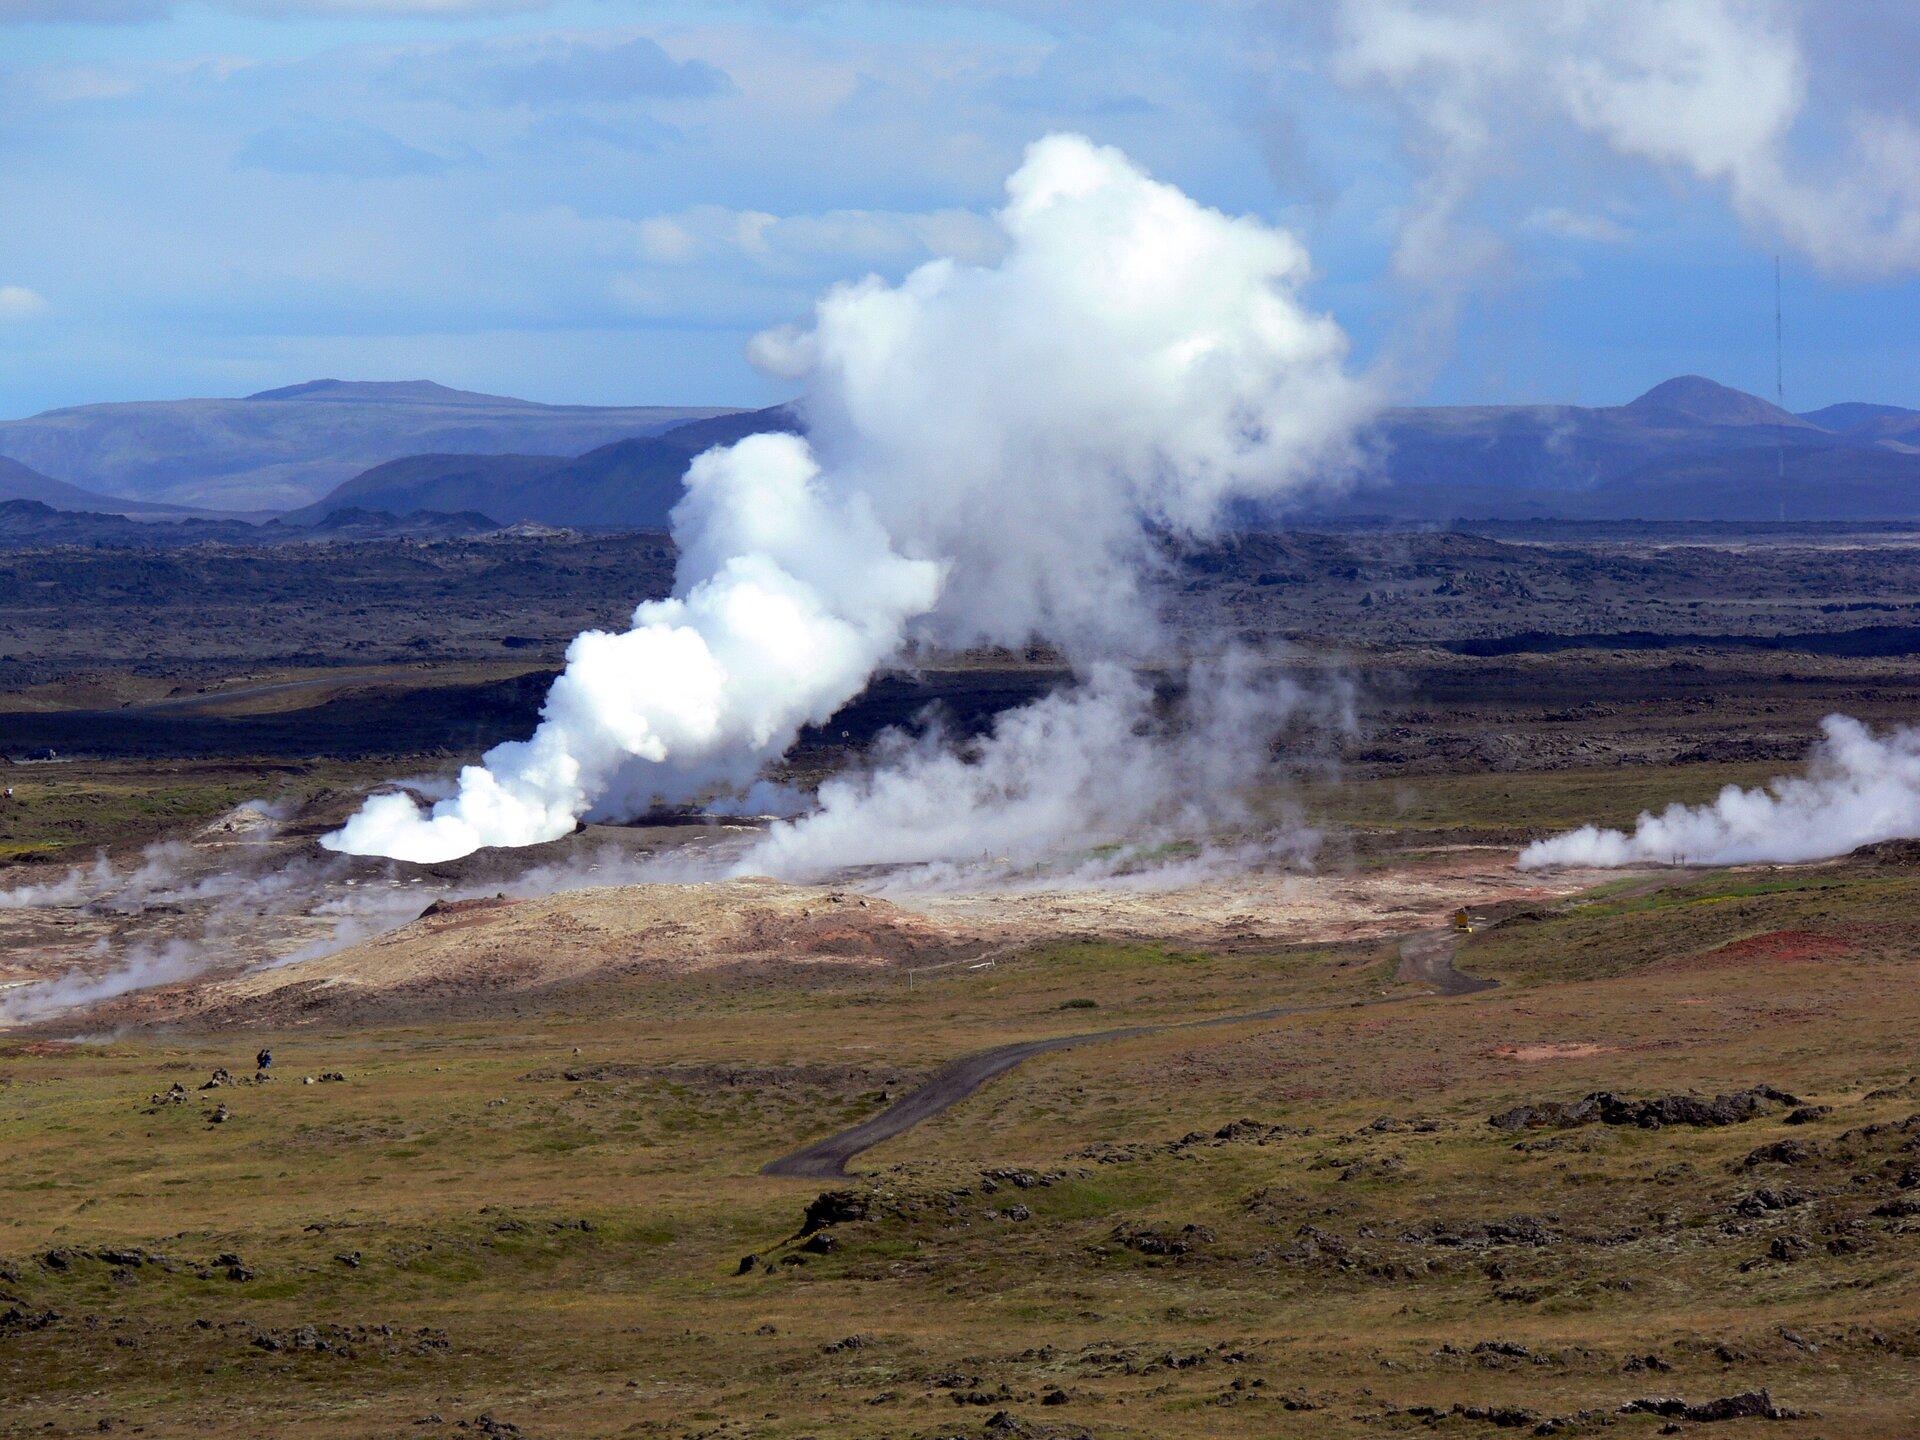 Na zdjęciu pofalowany teren porośnięty skąpą roślinnością, zkraterów wydobywa się biały dym. Wtle pasmo górskie.